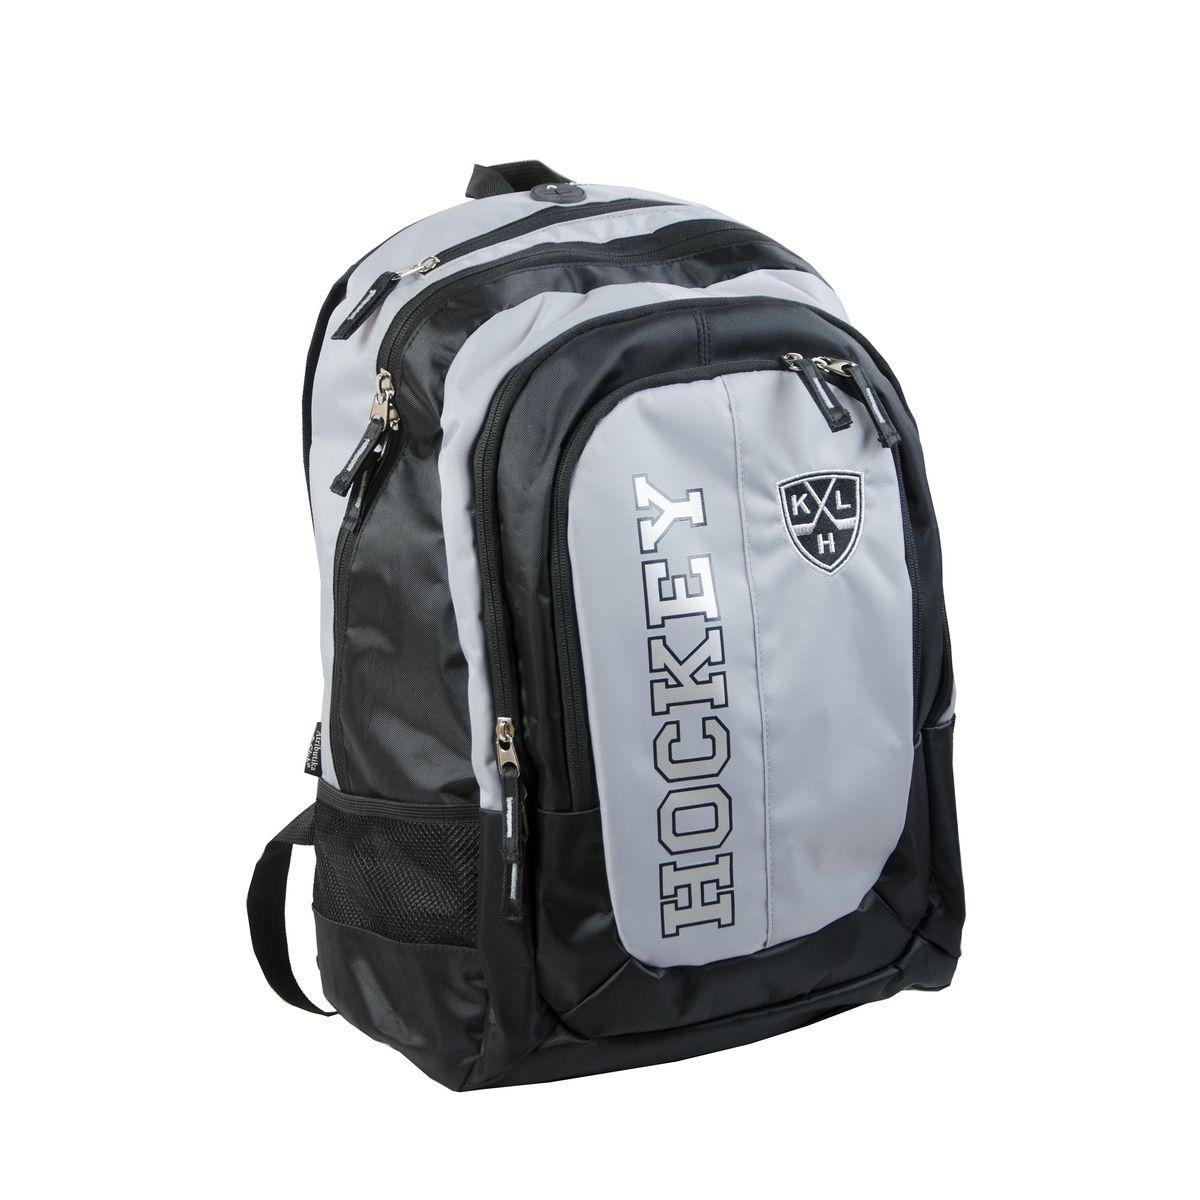 Рюкзак спортивный КХЛ, цвет: серо-черный, 18 л. 28217 ( 28217 )